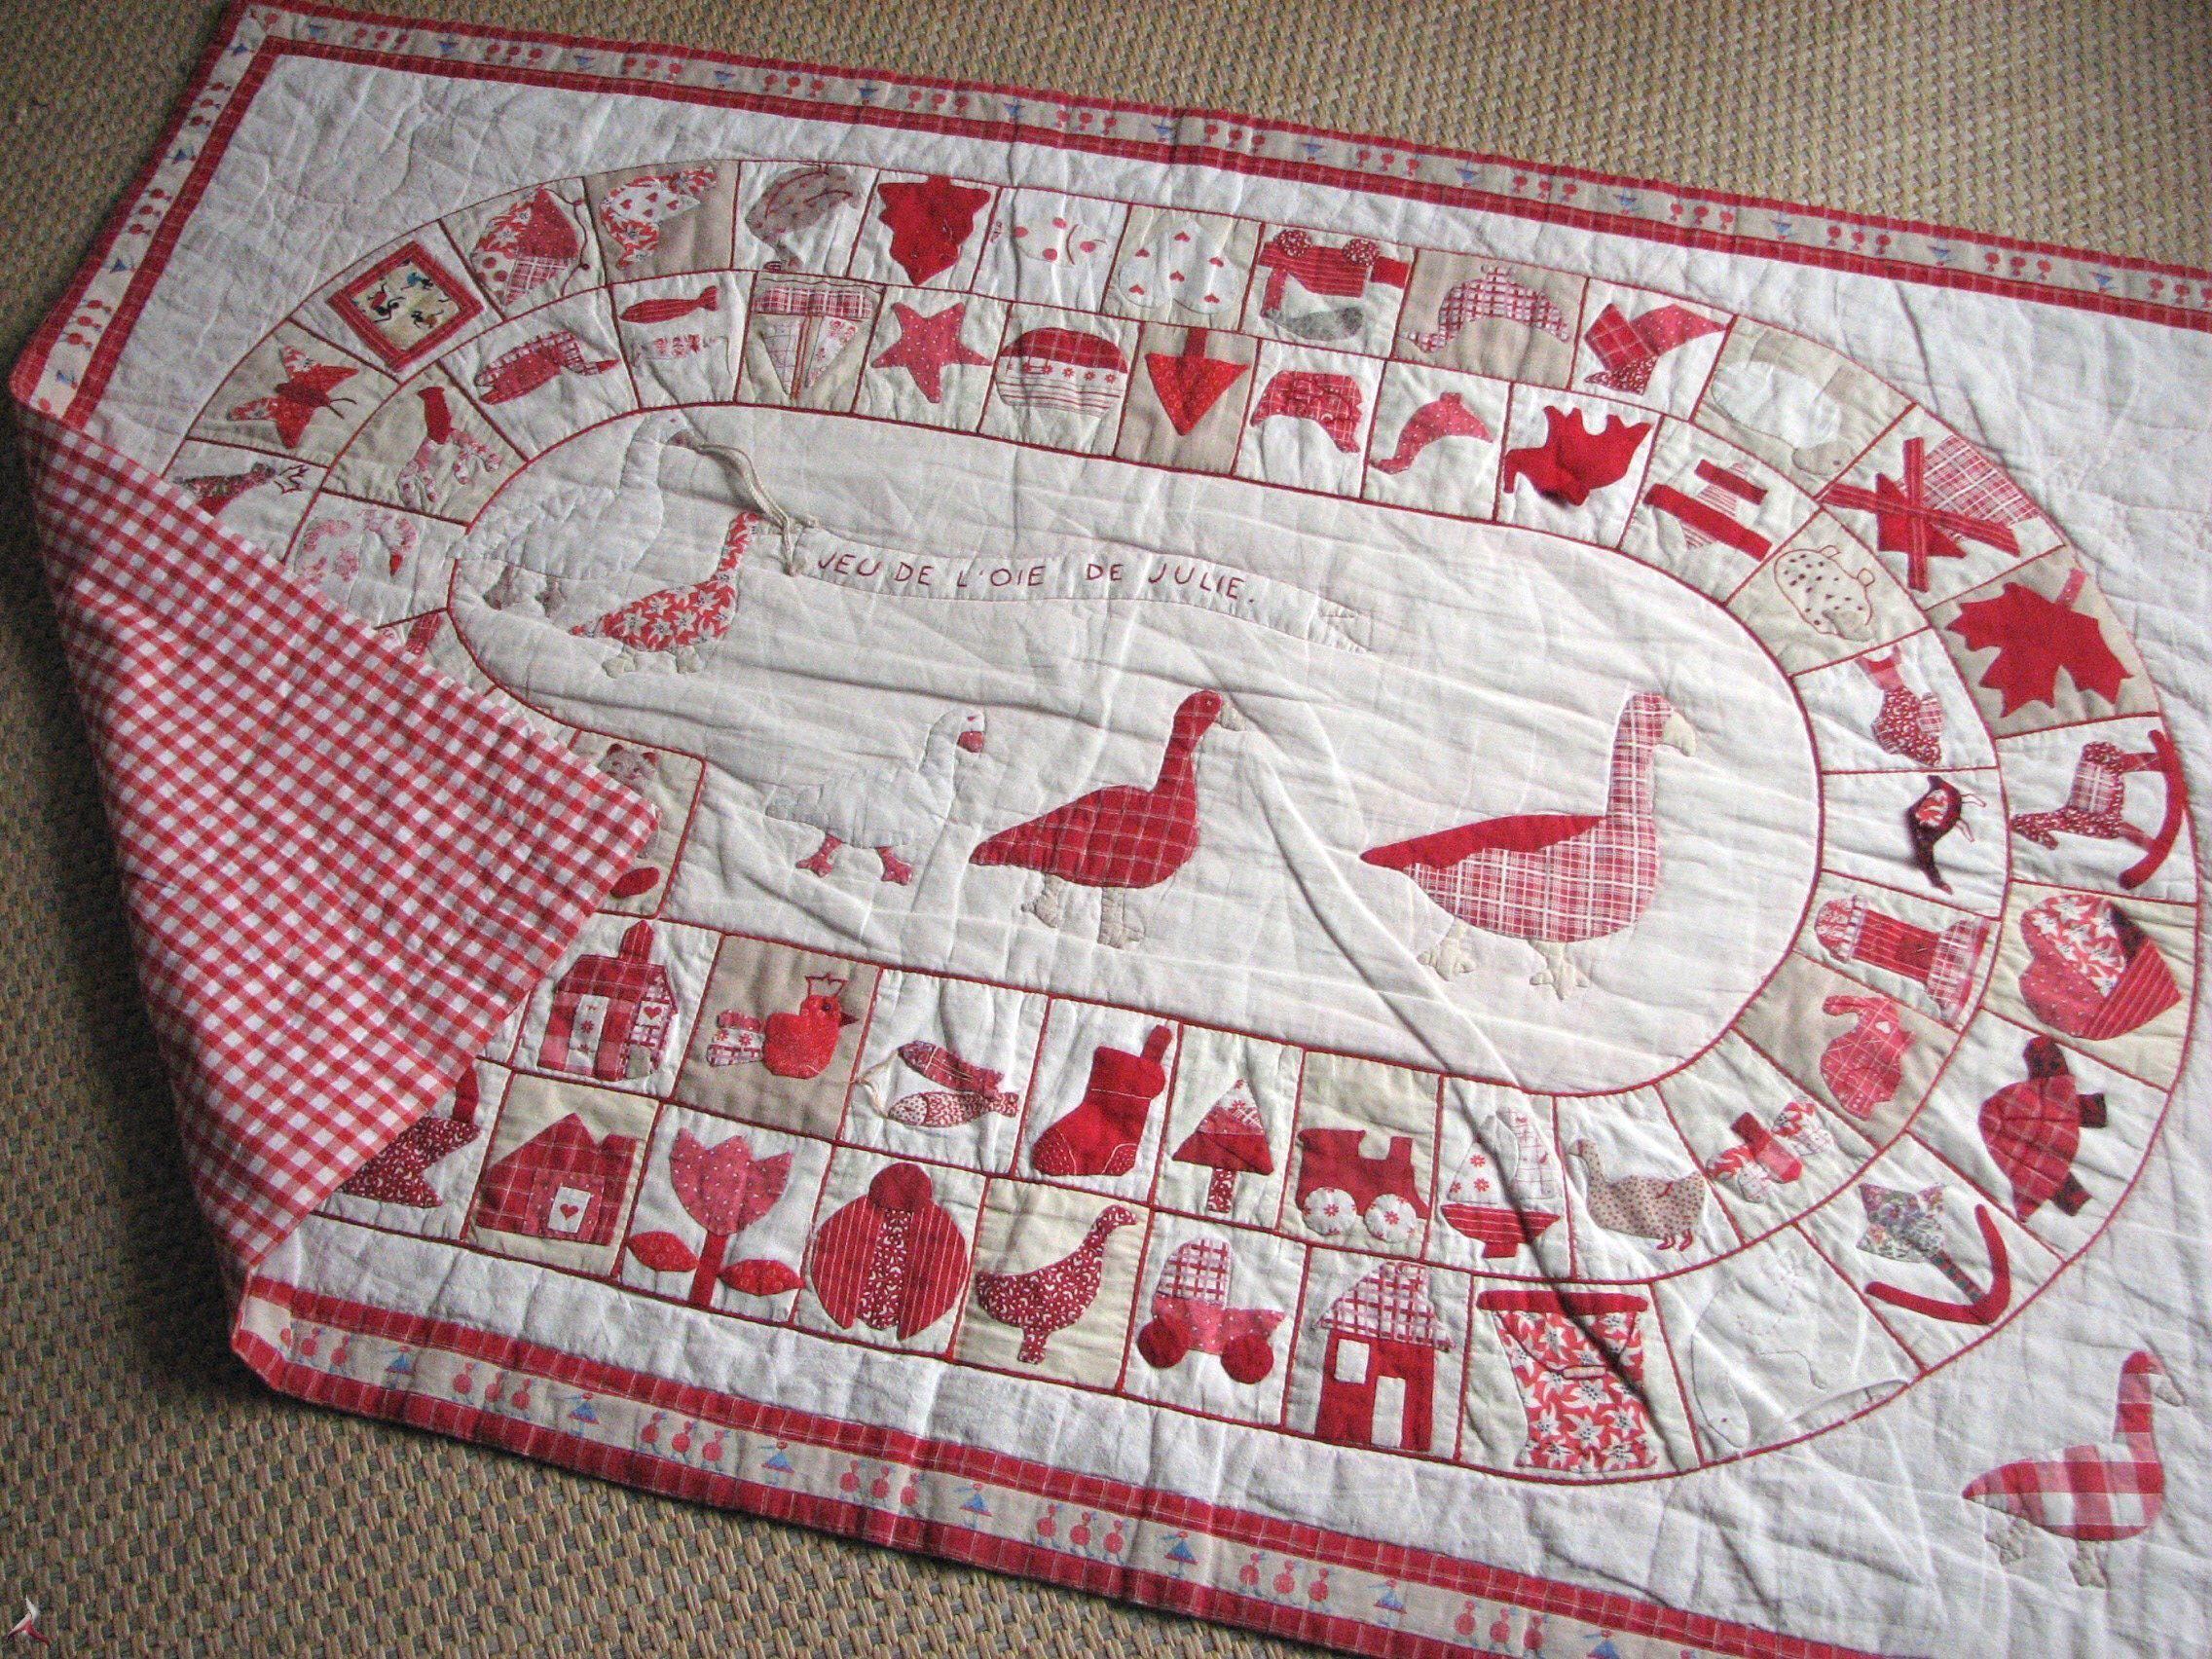 le jeu de l 39 oie tapis jeu enfants patchwork appliqu couture art du fil karacole loisirs. Black Bedroom Furniture Sets. Home Design Ideas